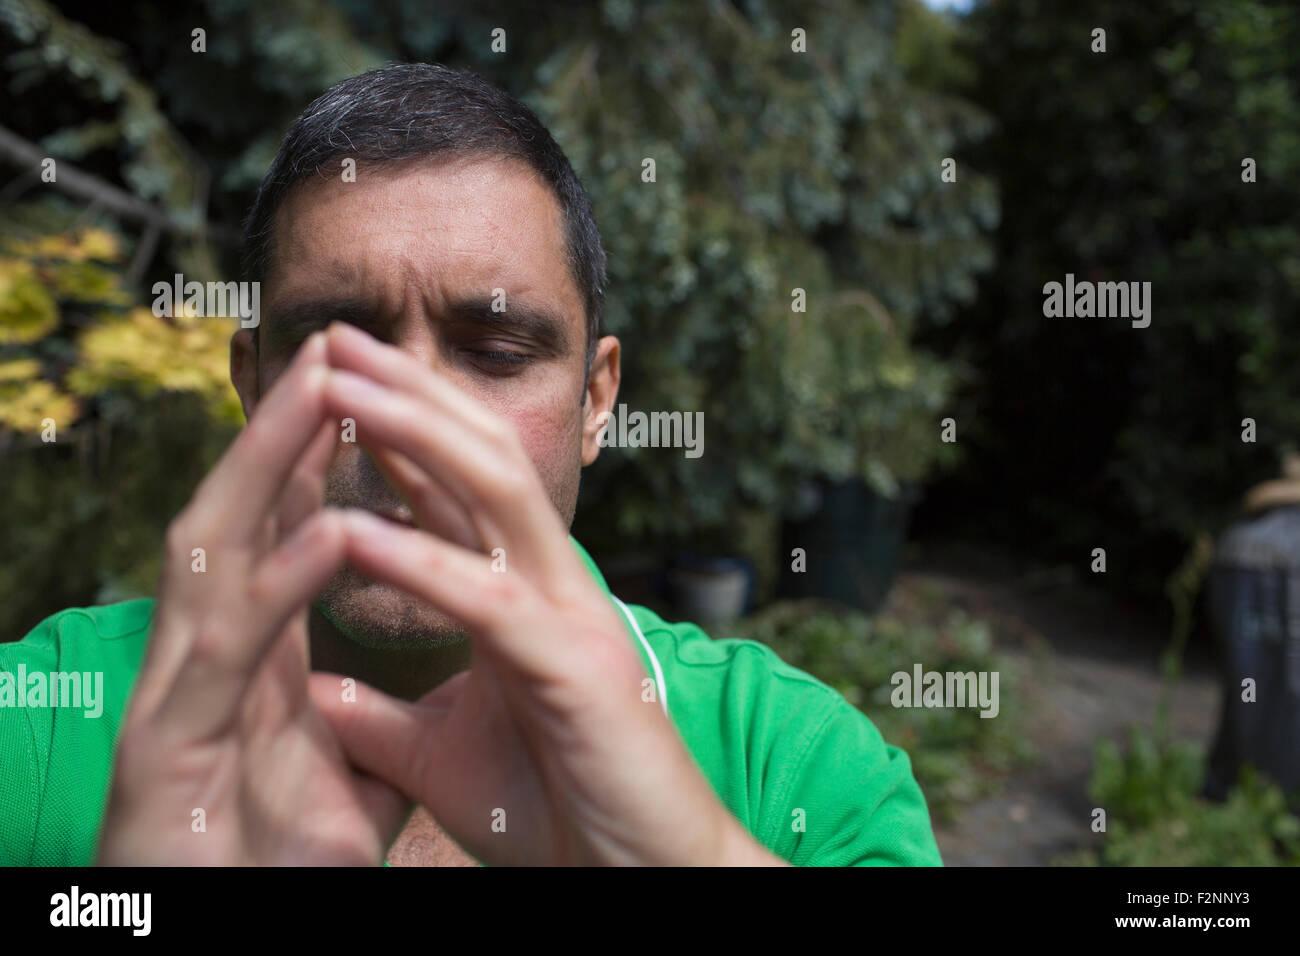 Hombre de raza mixta concentrado con las manos entrelazadas Foto de stock